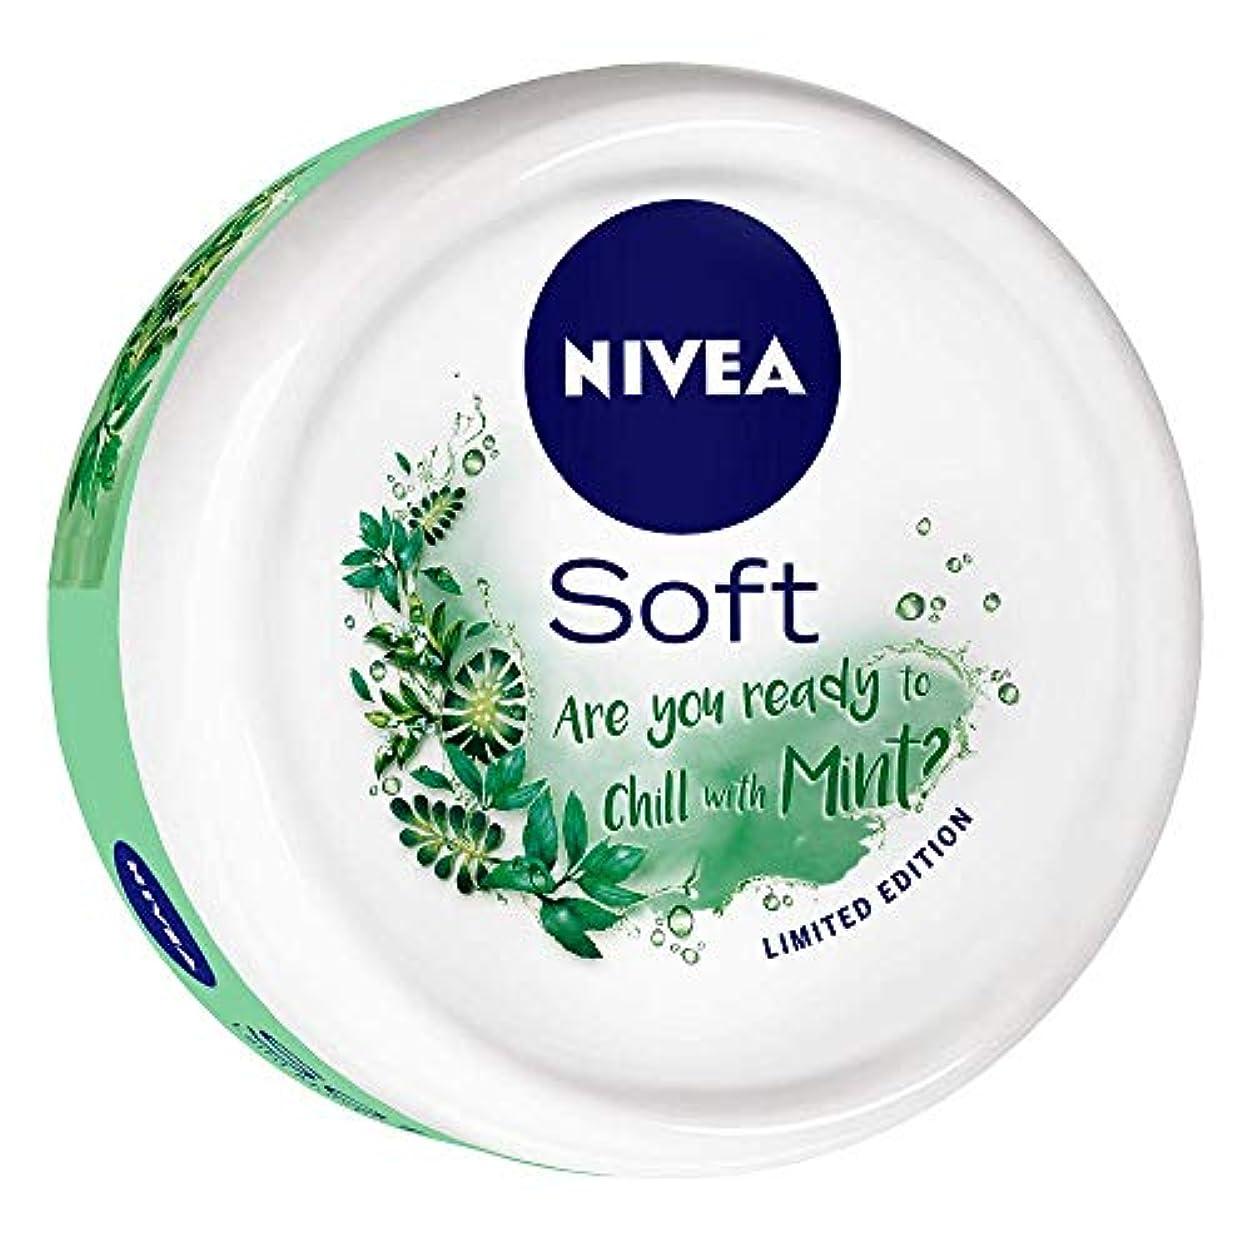 対象不格好親密なNIVEA Soft Light Moisturizer Chilled Mint With Vitamin E & Jojoba Oil, 50 ml